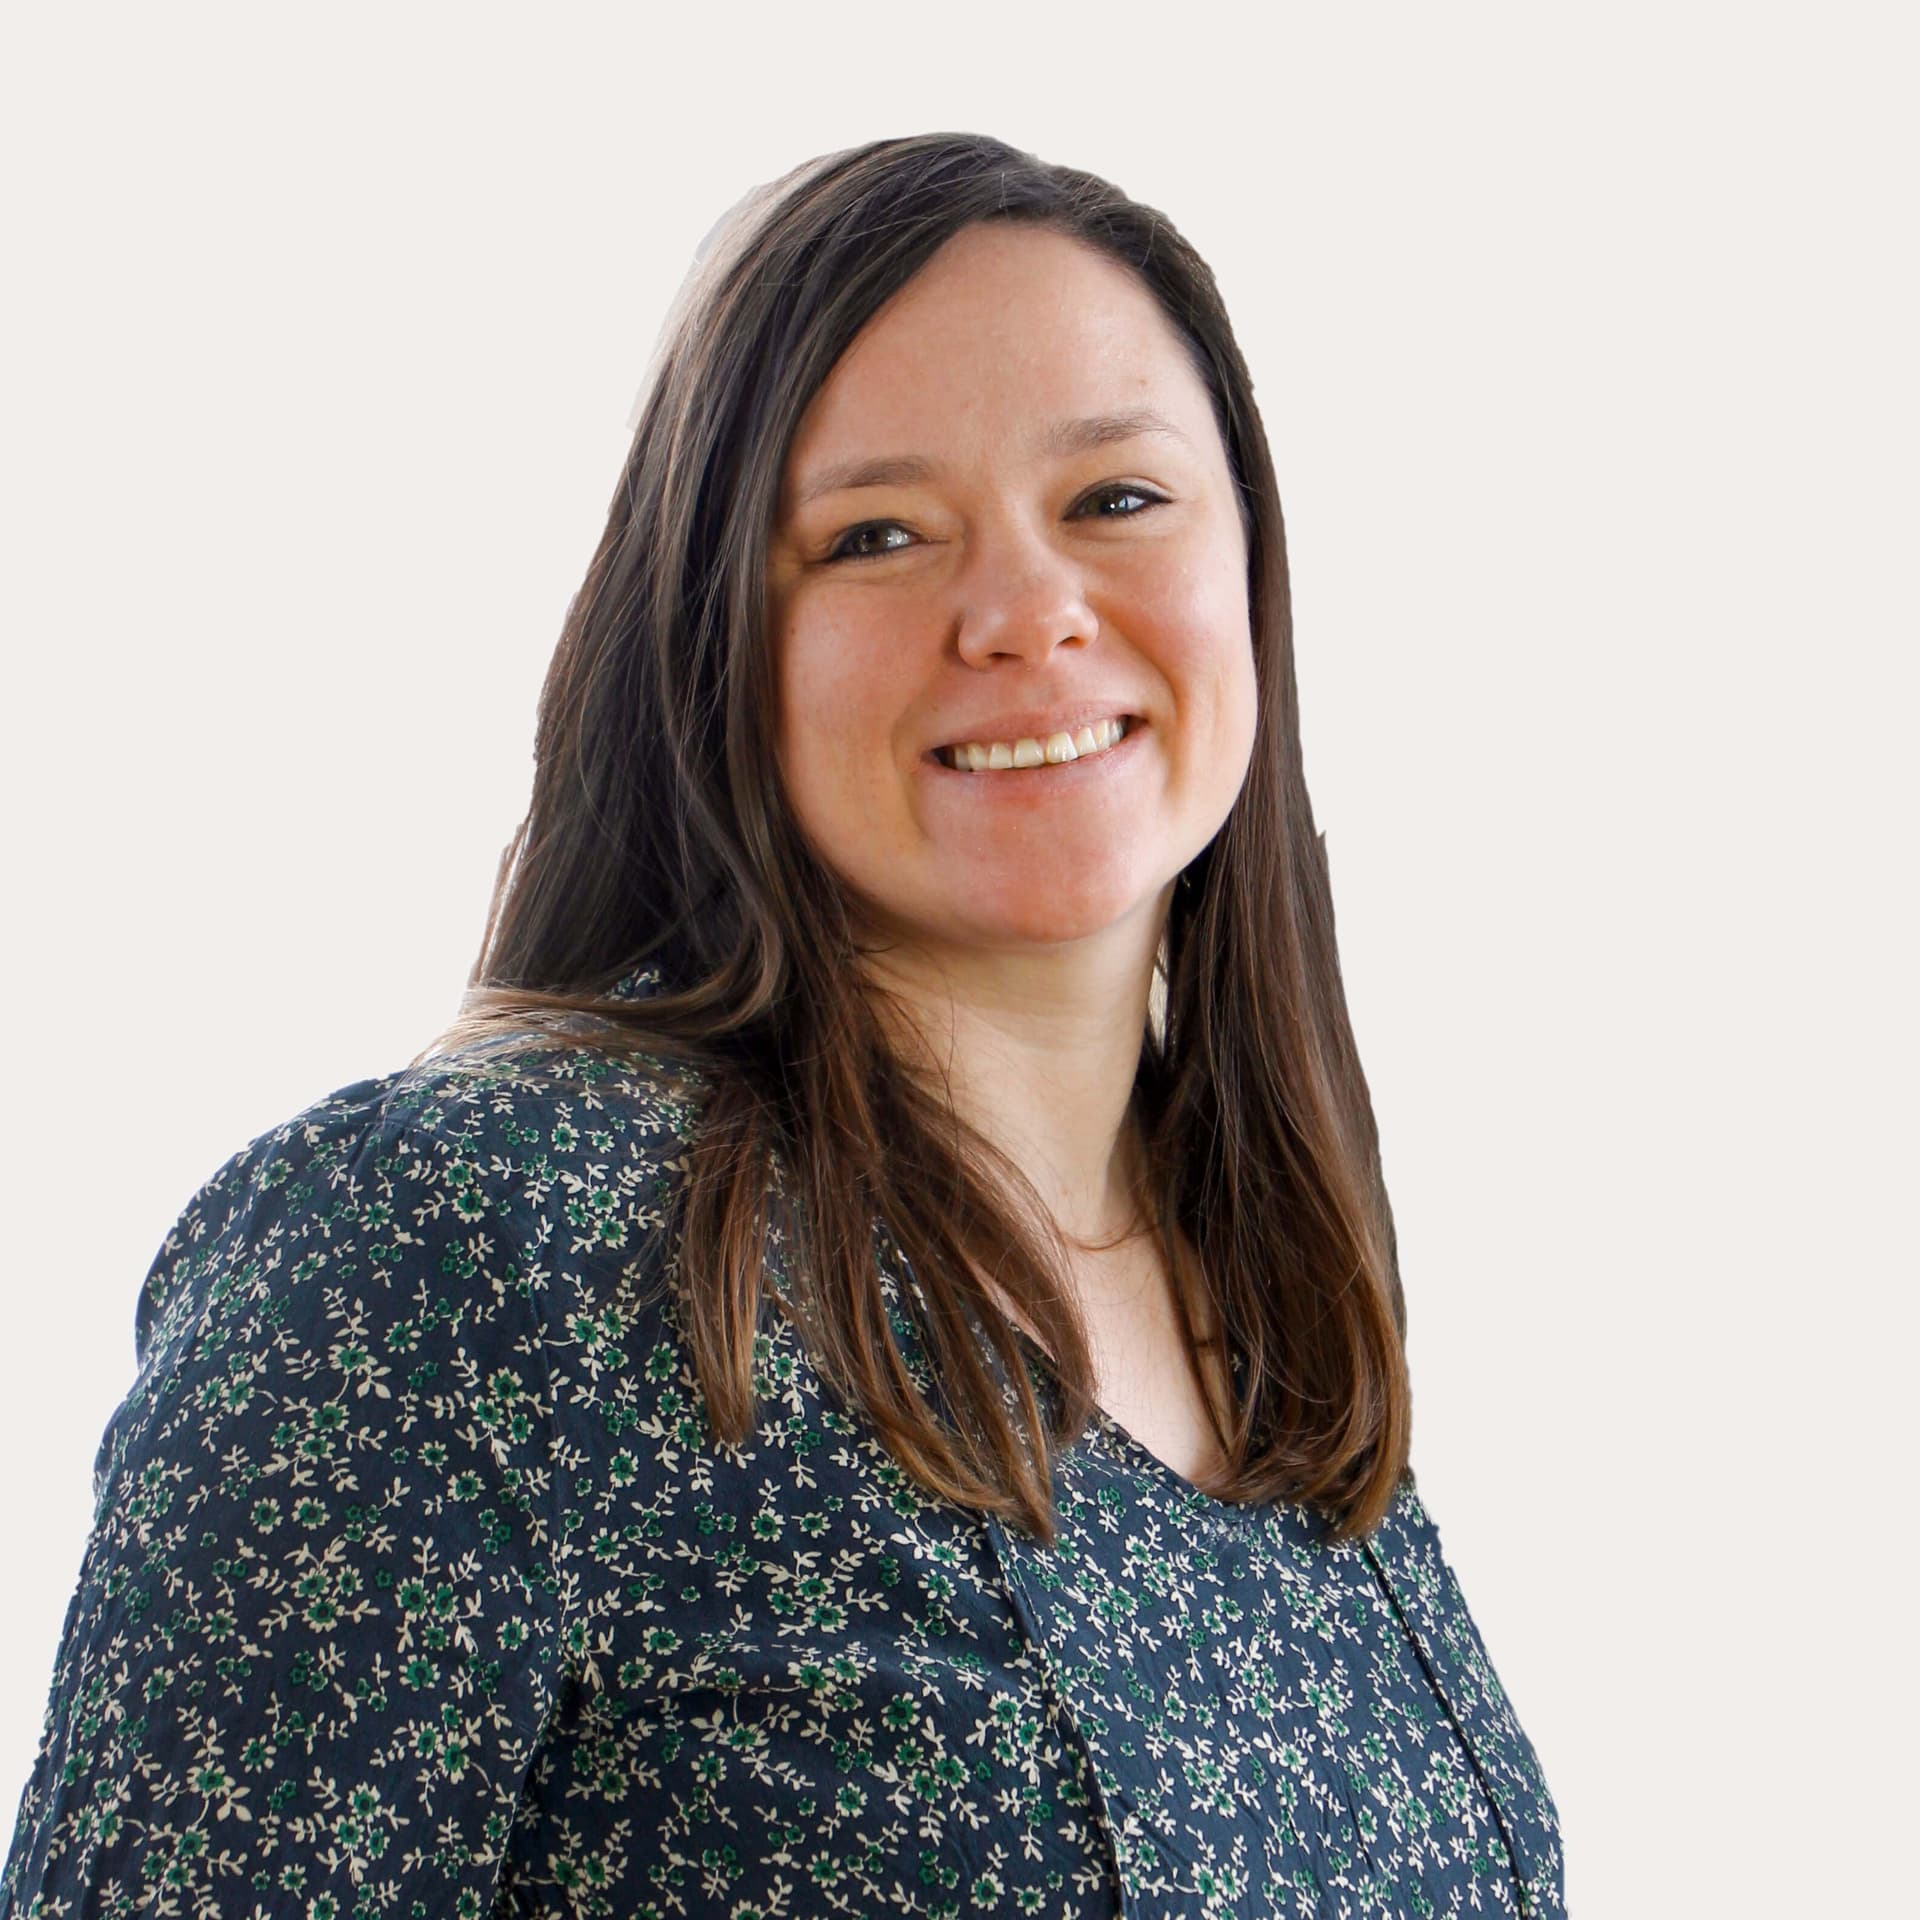 Miriam Drescher